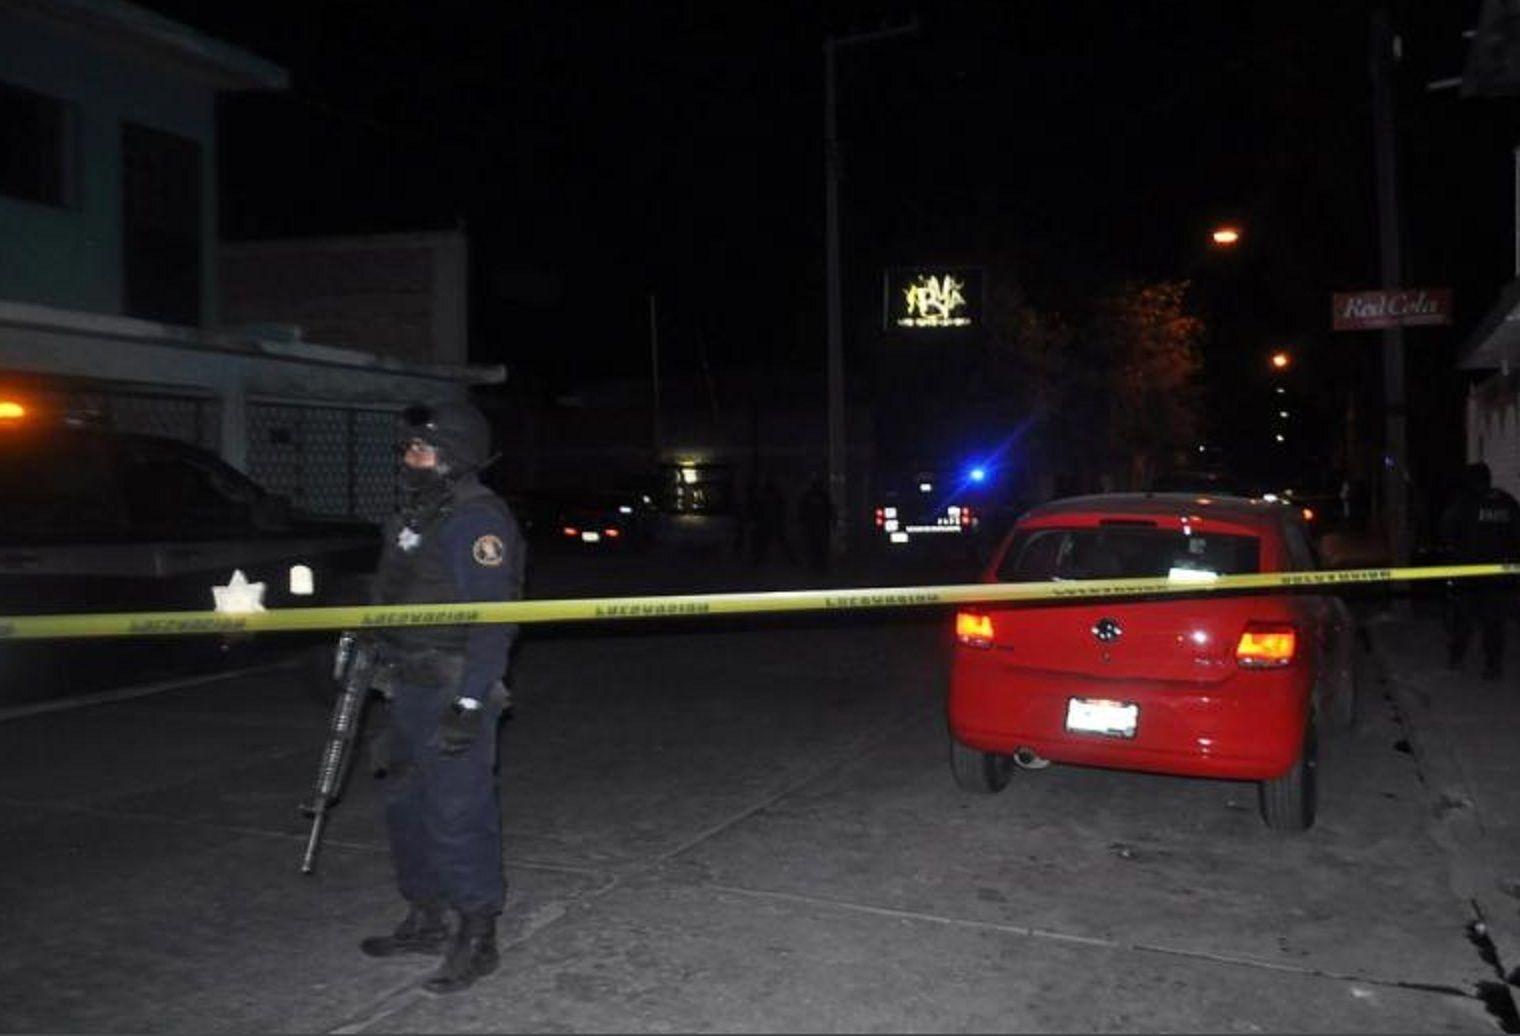 México: unos sicarios entraron a un club nocturno y mataron a al menos 13 personas